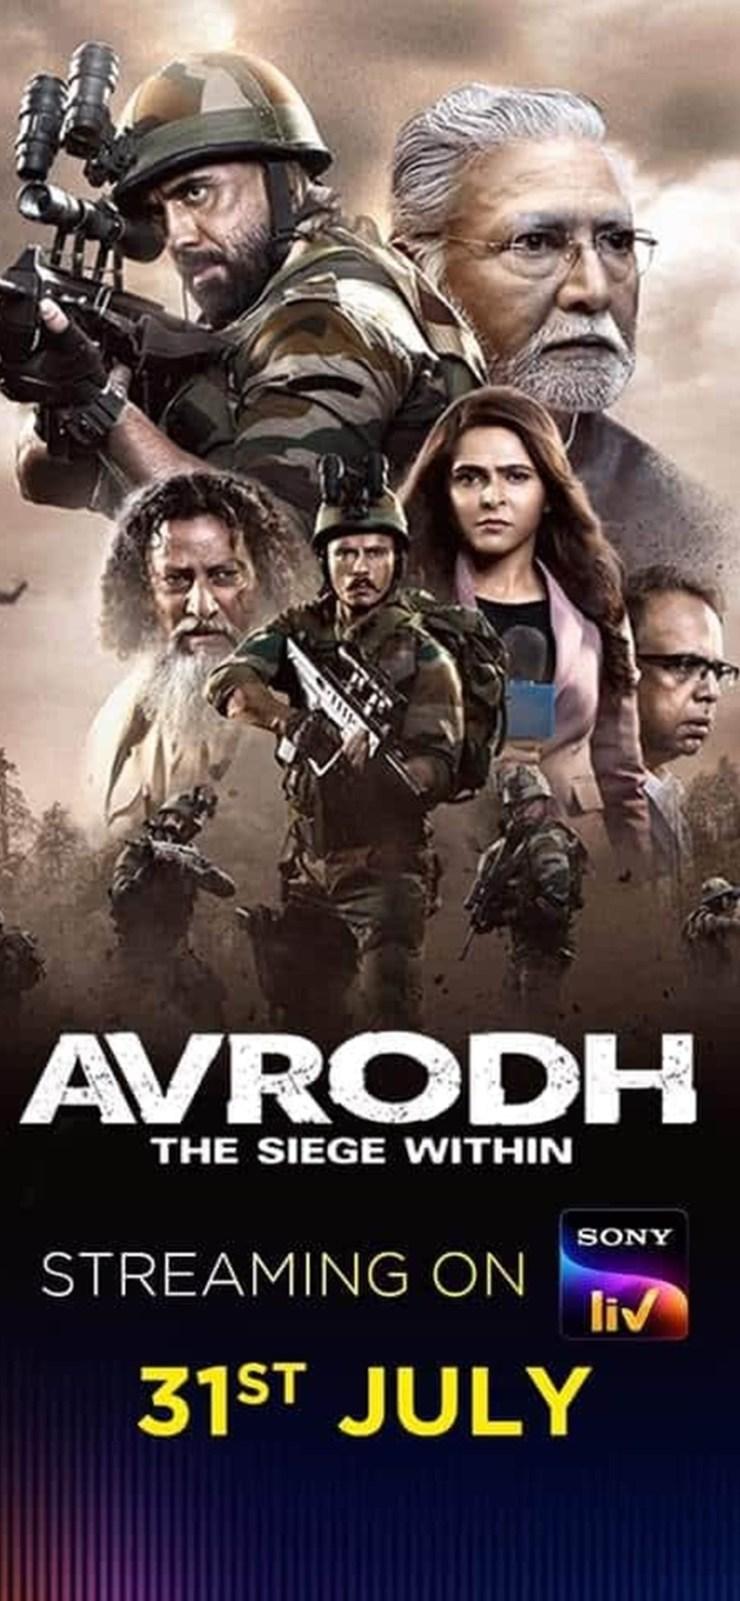 AVRODH Poster for Mobile